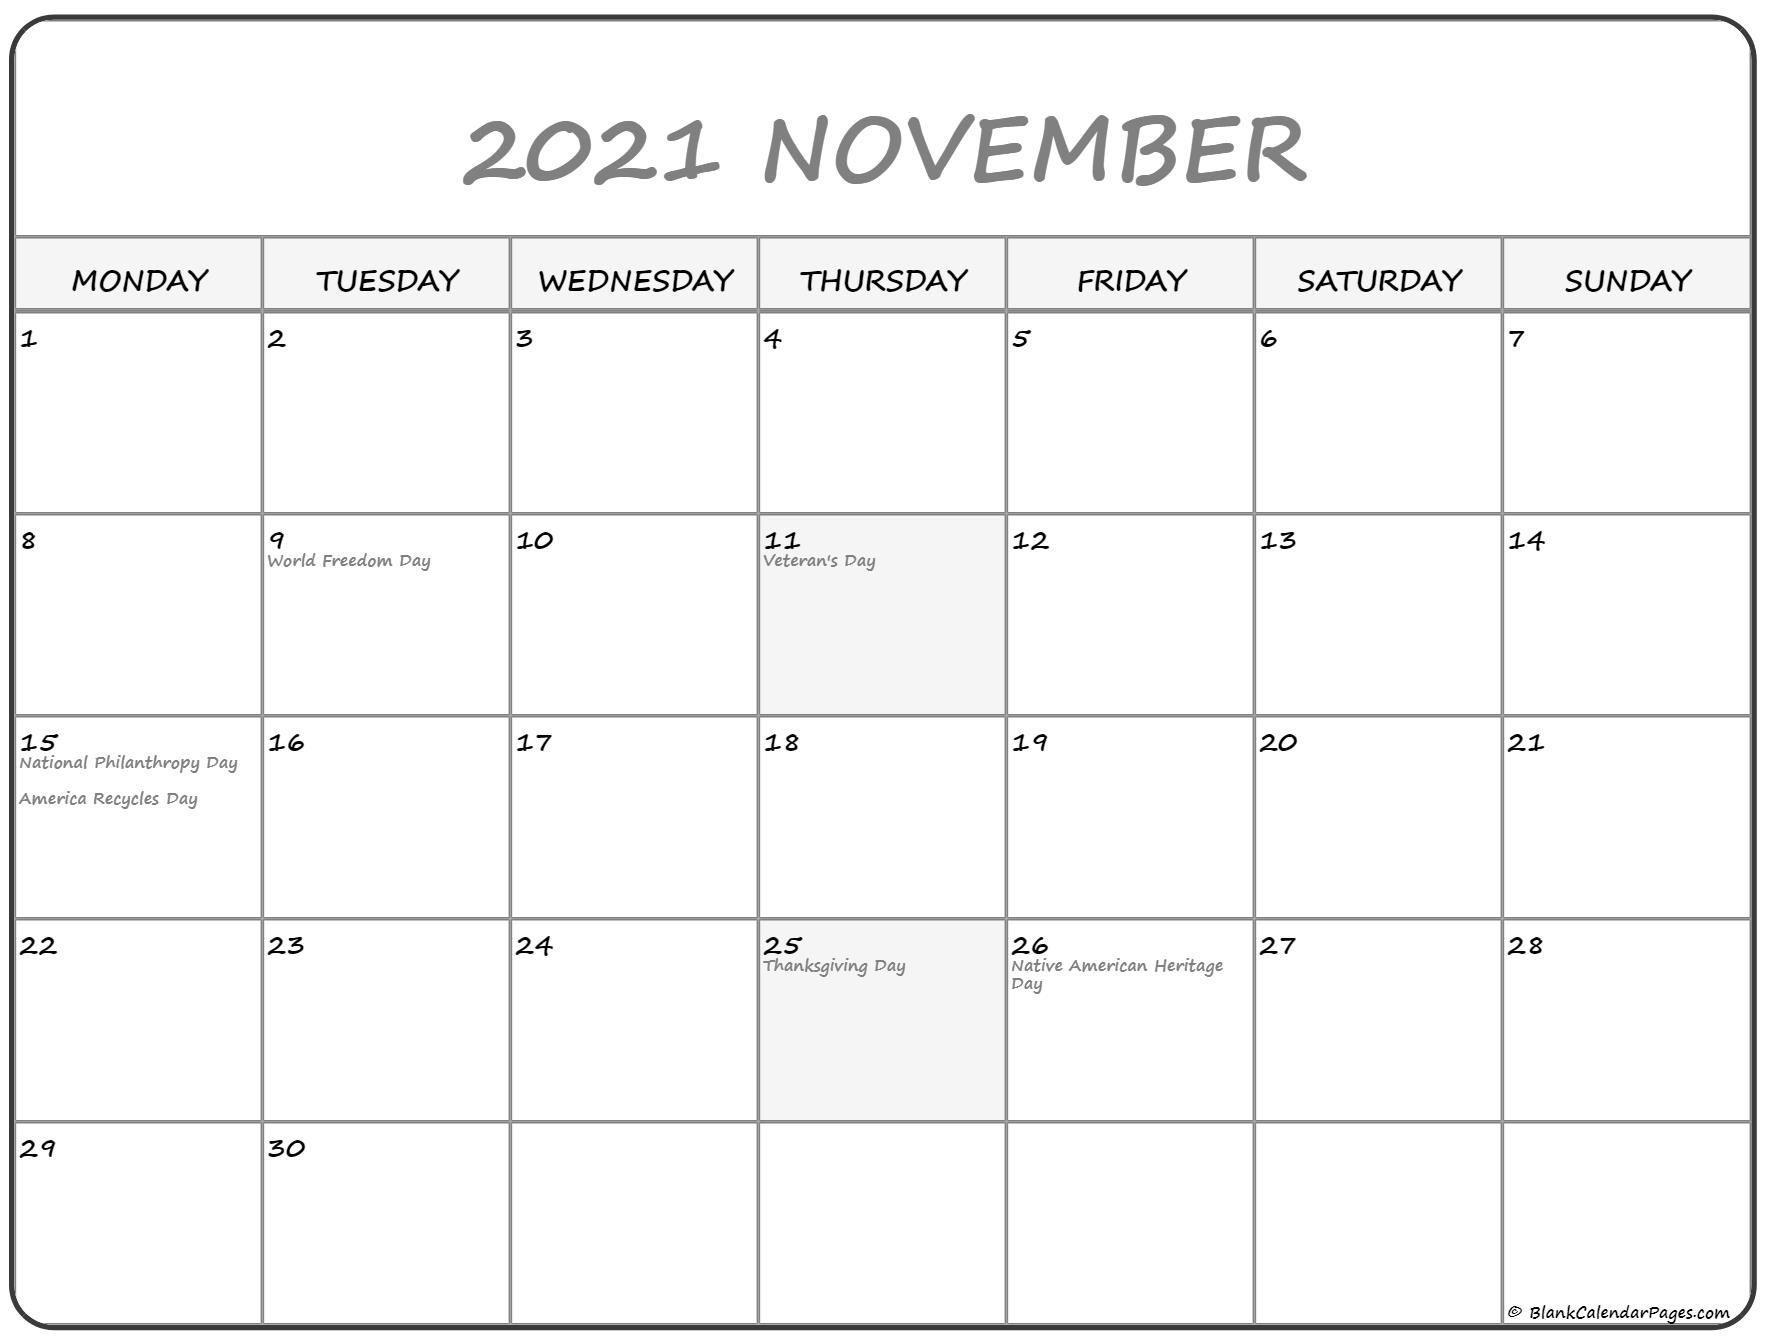 november 2021 monday calendar monday to sunday calendar